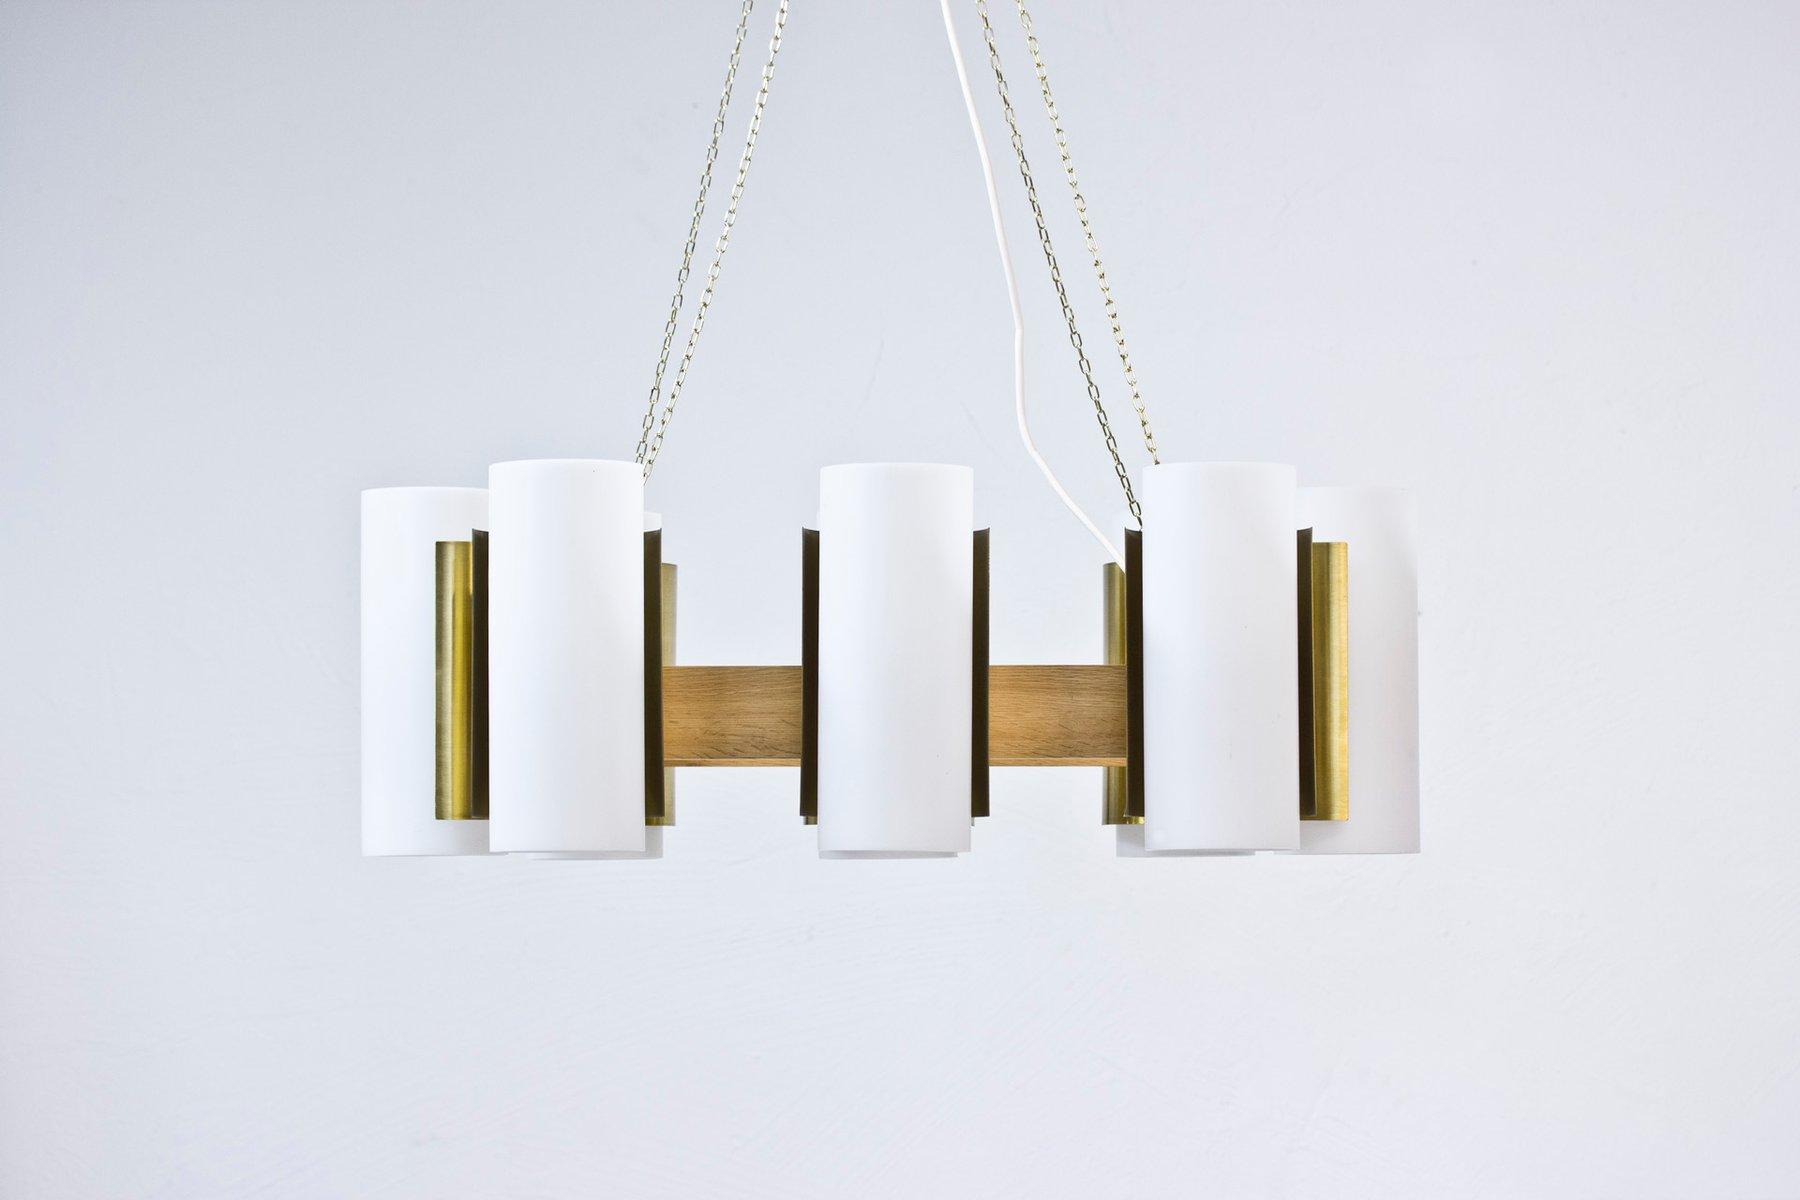 Swedish chandelier by sten carlquist for hans agne jakobsson ab in swedish chandelier by sten carlquist for hans agne jakobsson ab in markaryd 1950s arubaitofo Gallery